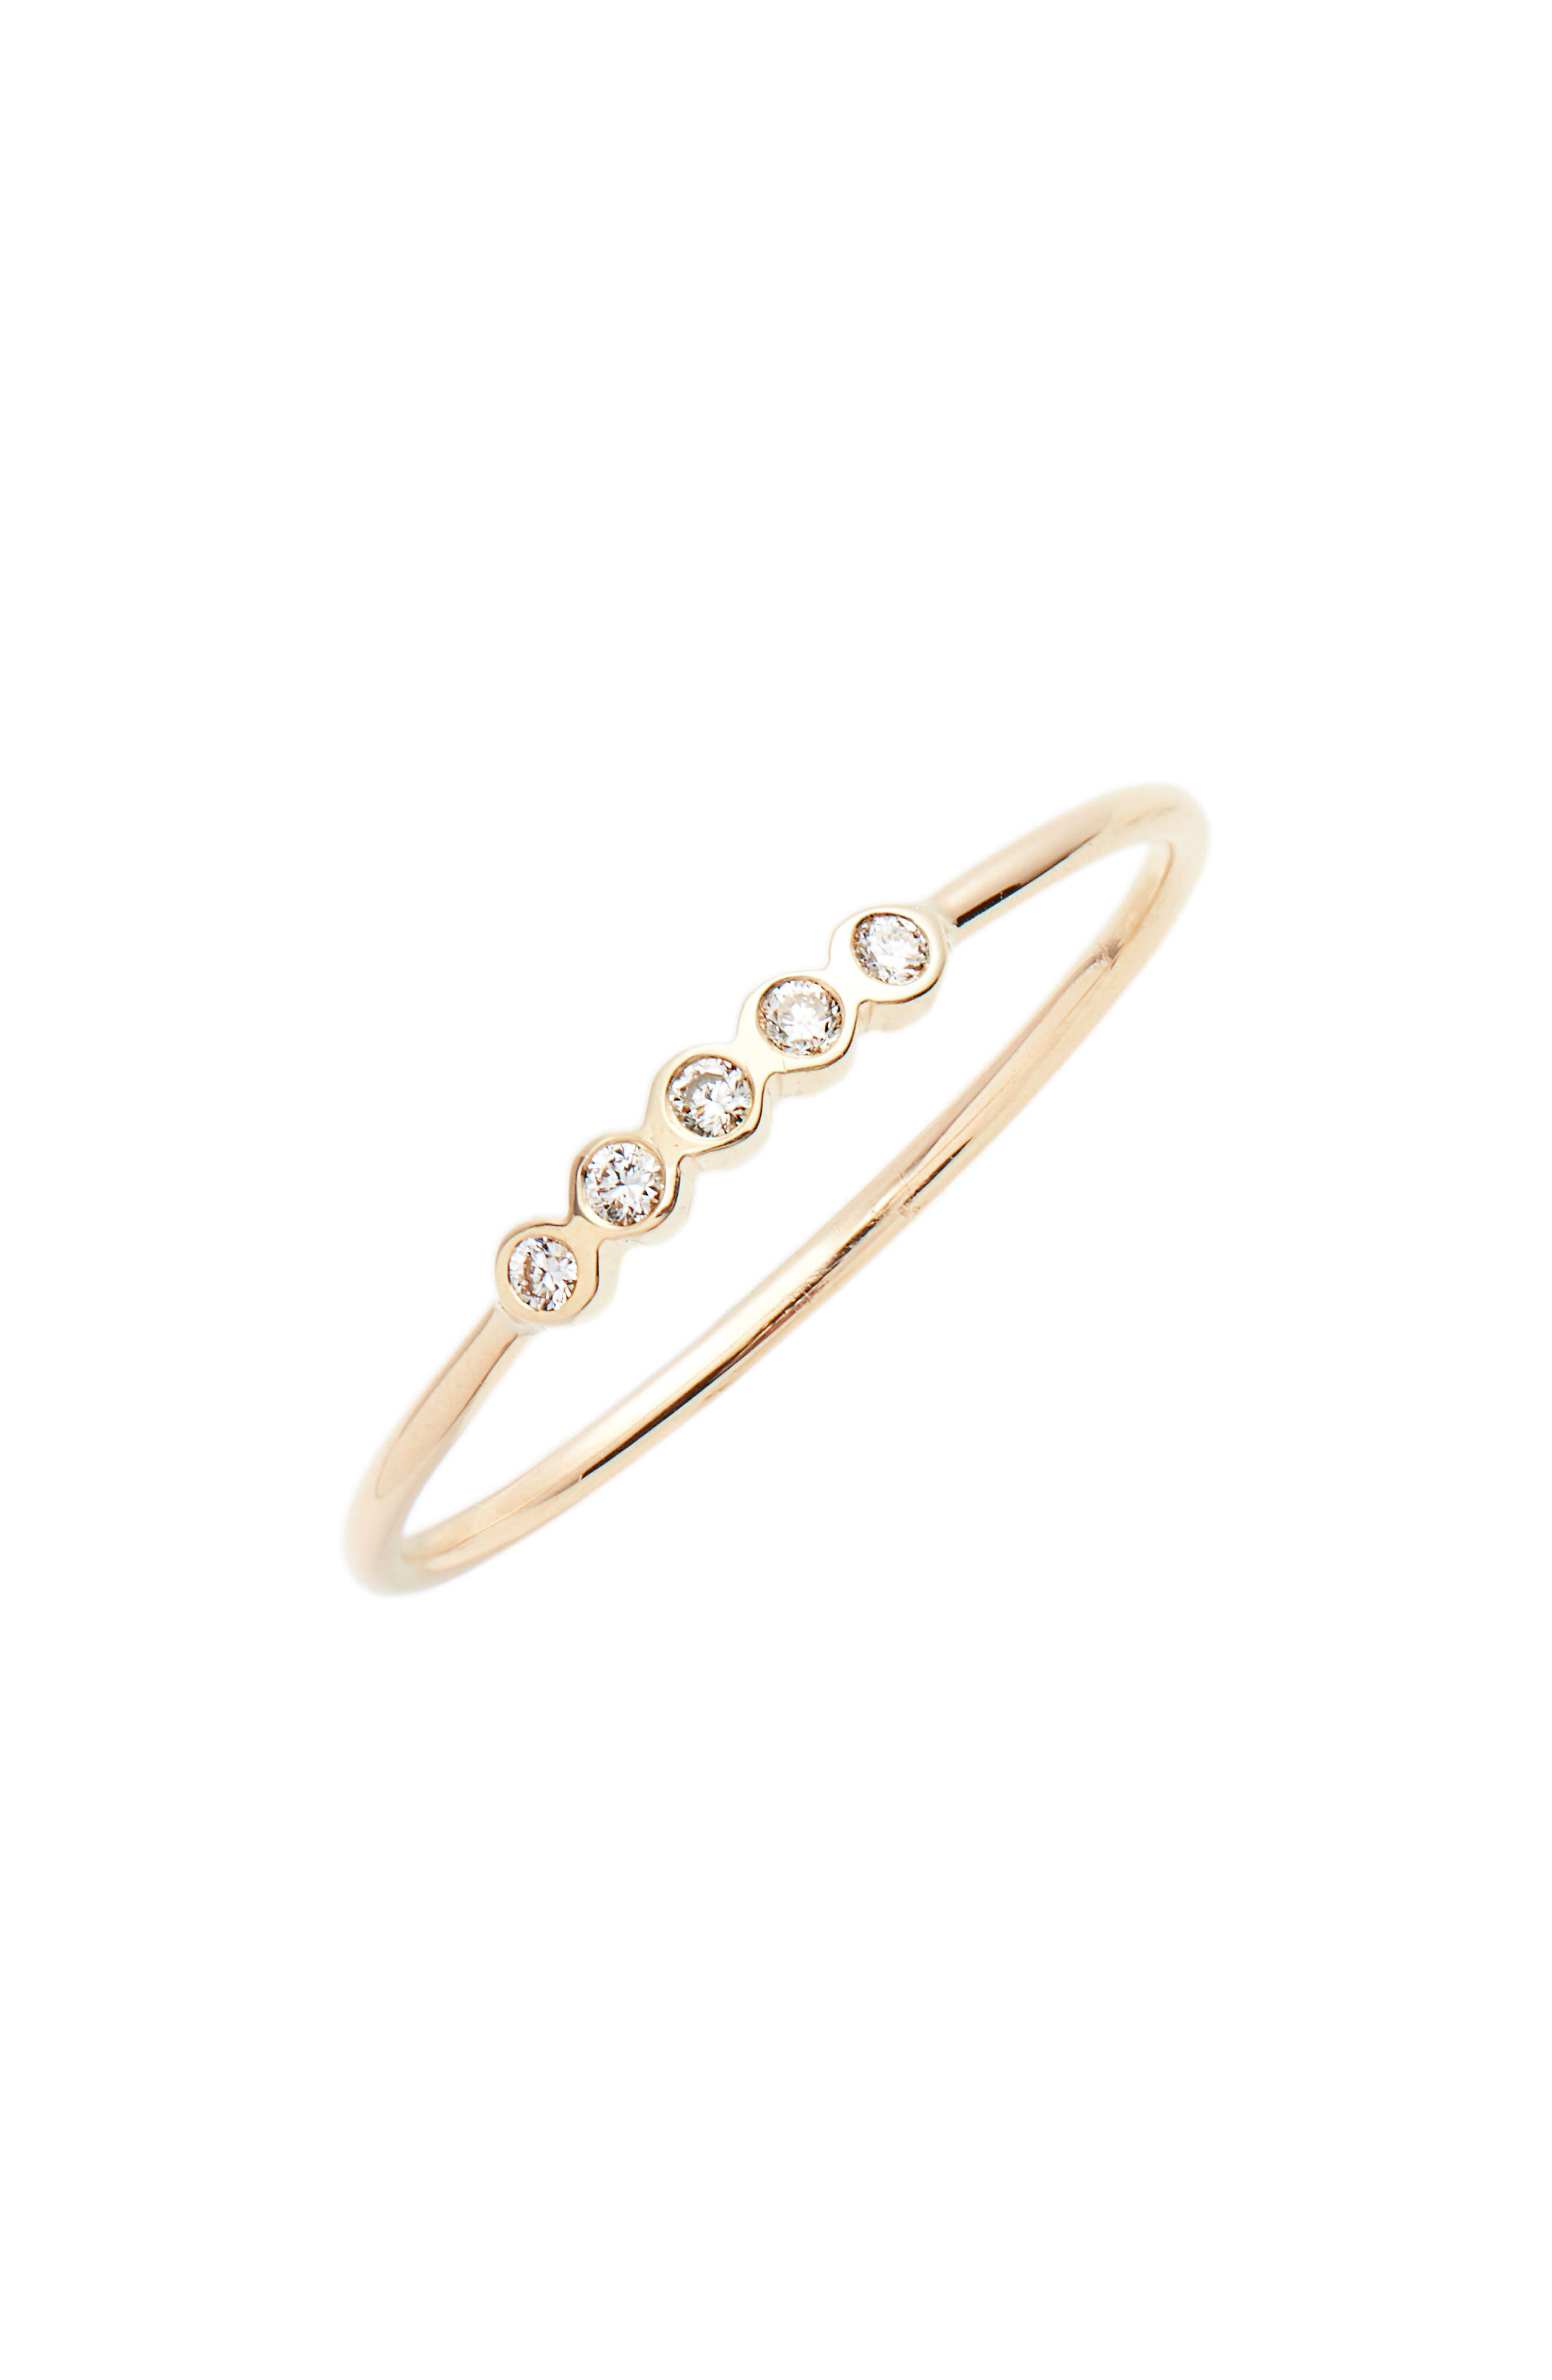 Zoe Chicco 5-Diamond Bezel Stock Ring